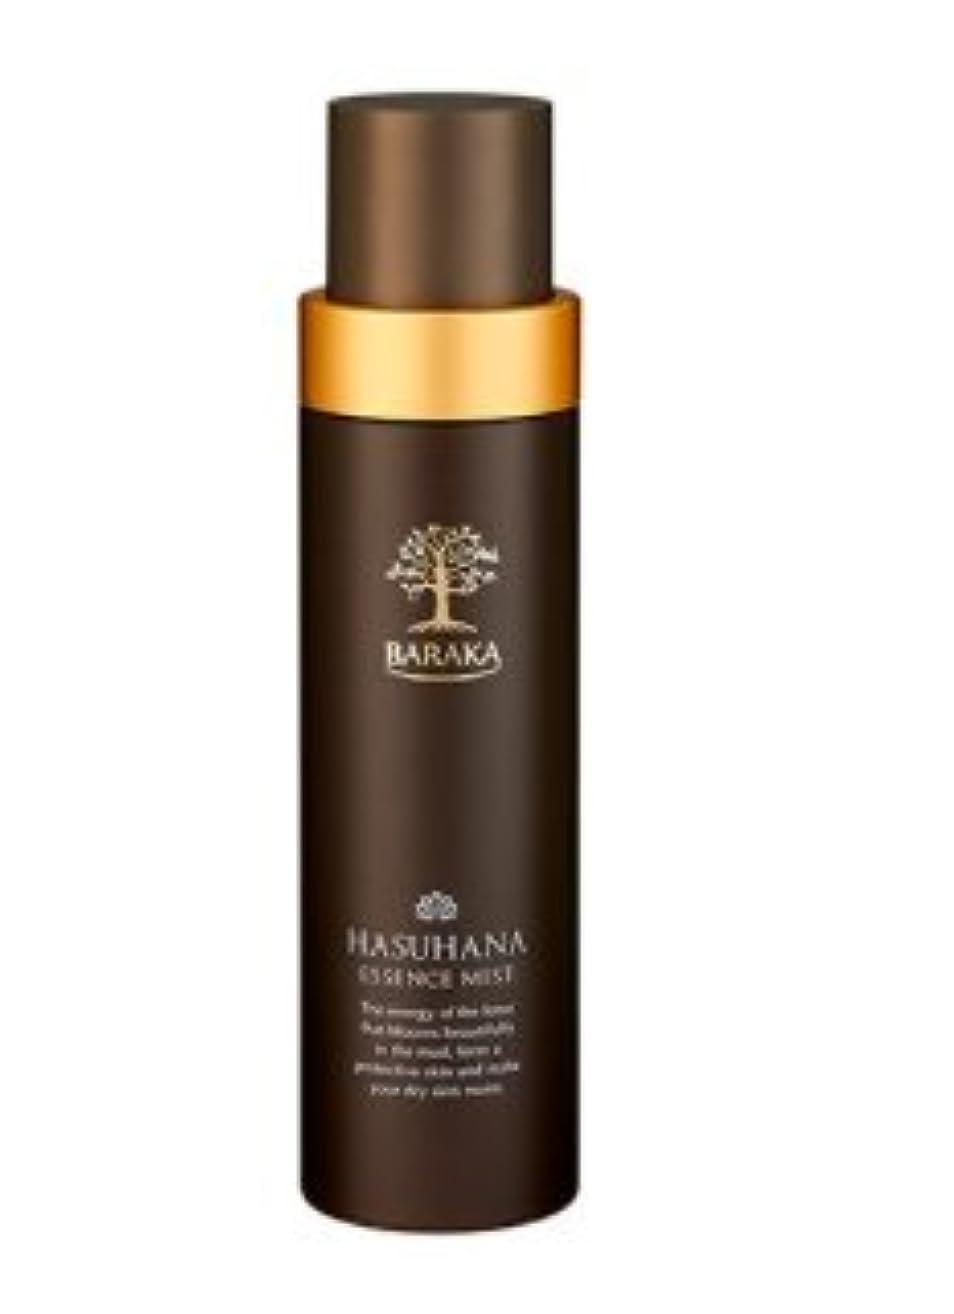 時々時々振り向く援助するBARAKA(バラカ) ハス花 エッセンス ミスト 150mL ミスト状化粧水